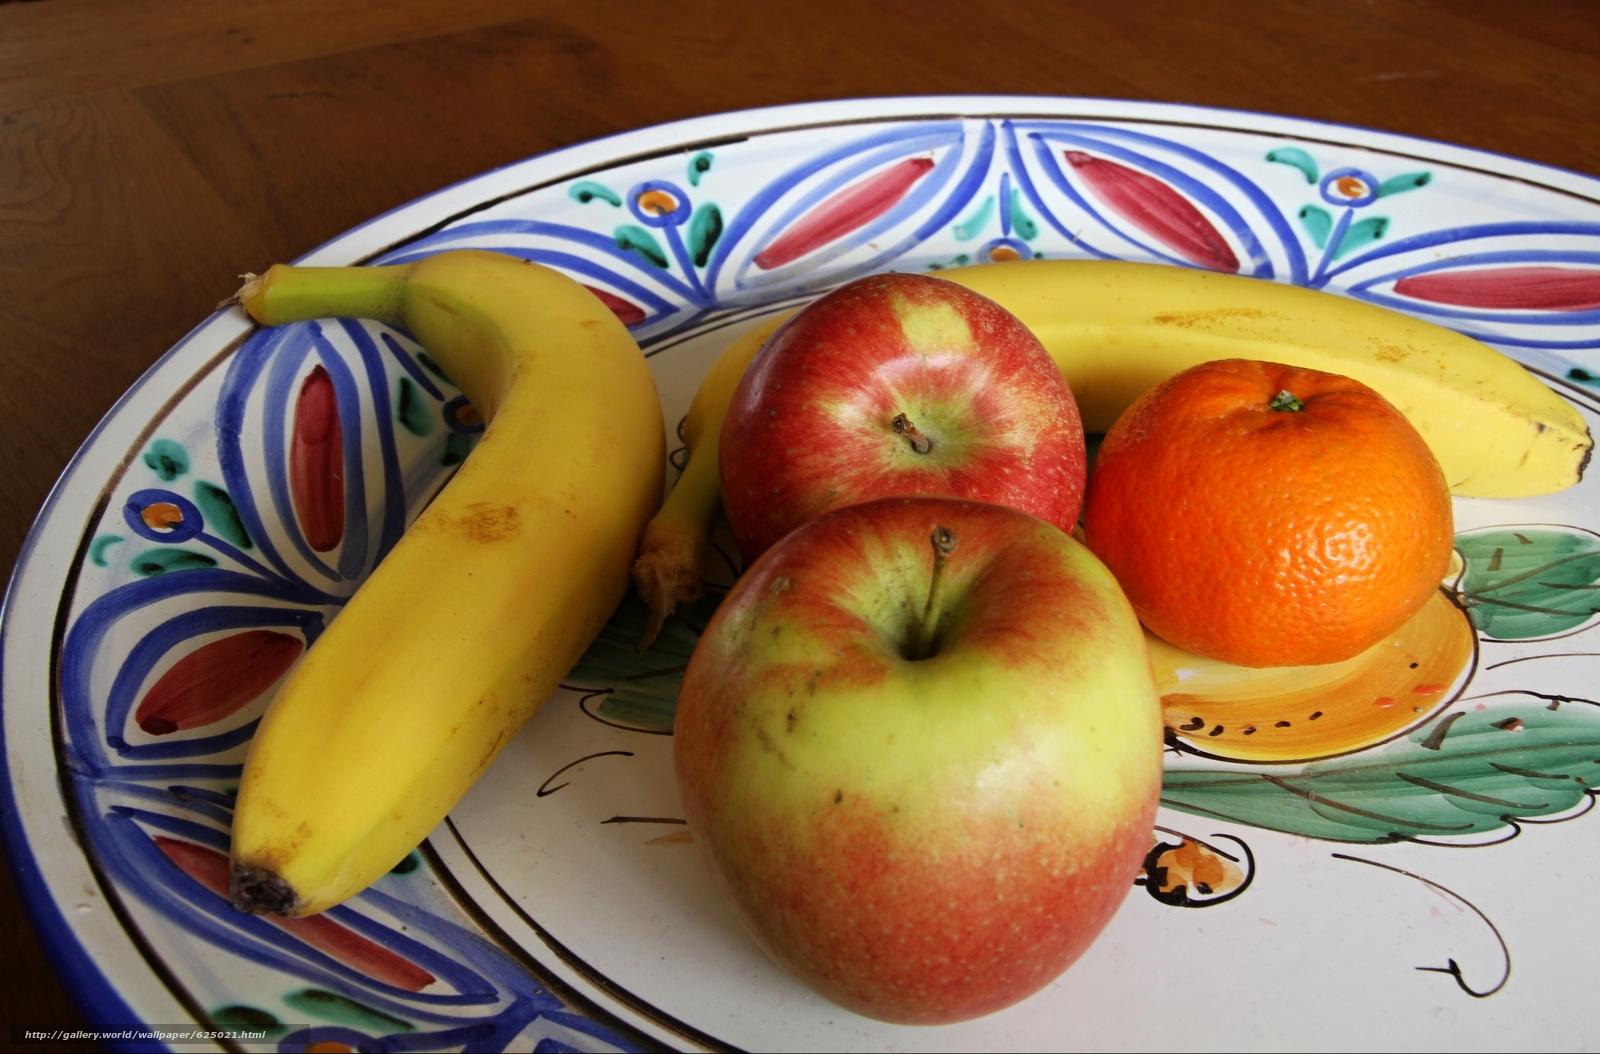 Скачать на телефон обои фото картинку на тему блюдо, фрукты, яблоки, банан, мандарин, разширение 4741x3122